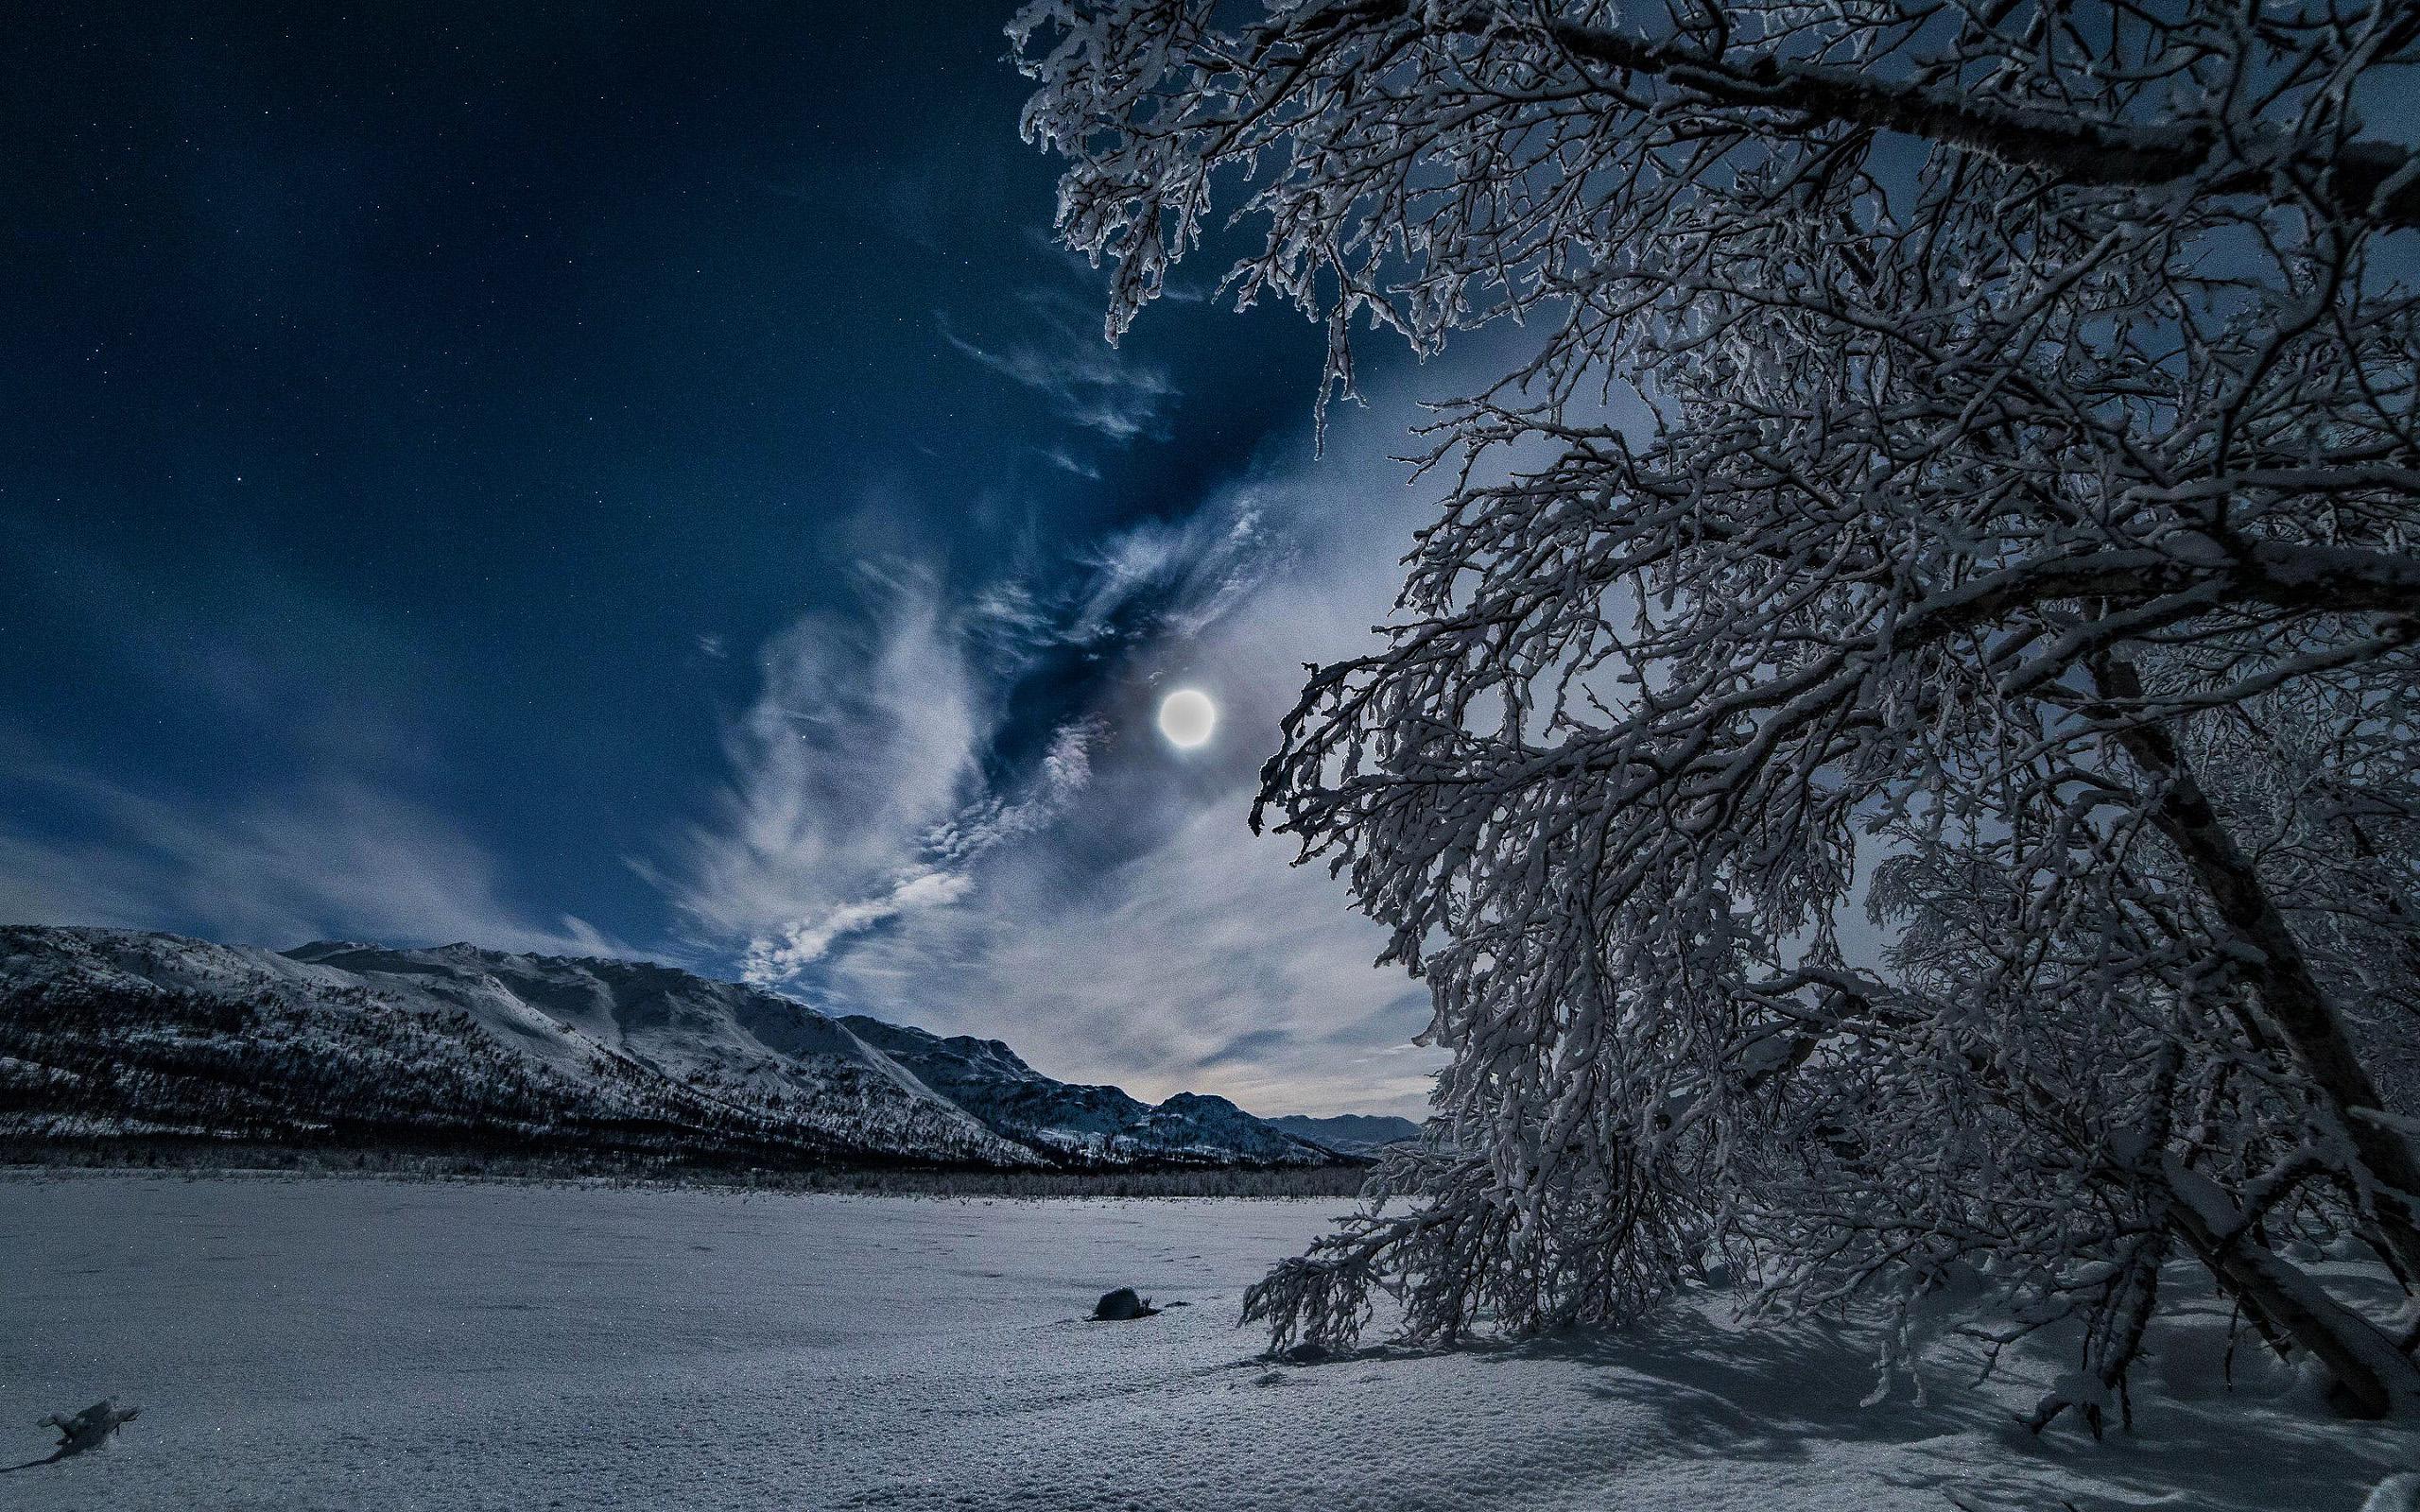 зима, ночь, снег, луна, зимняя ночь